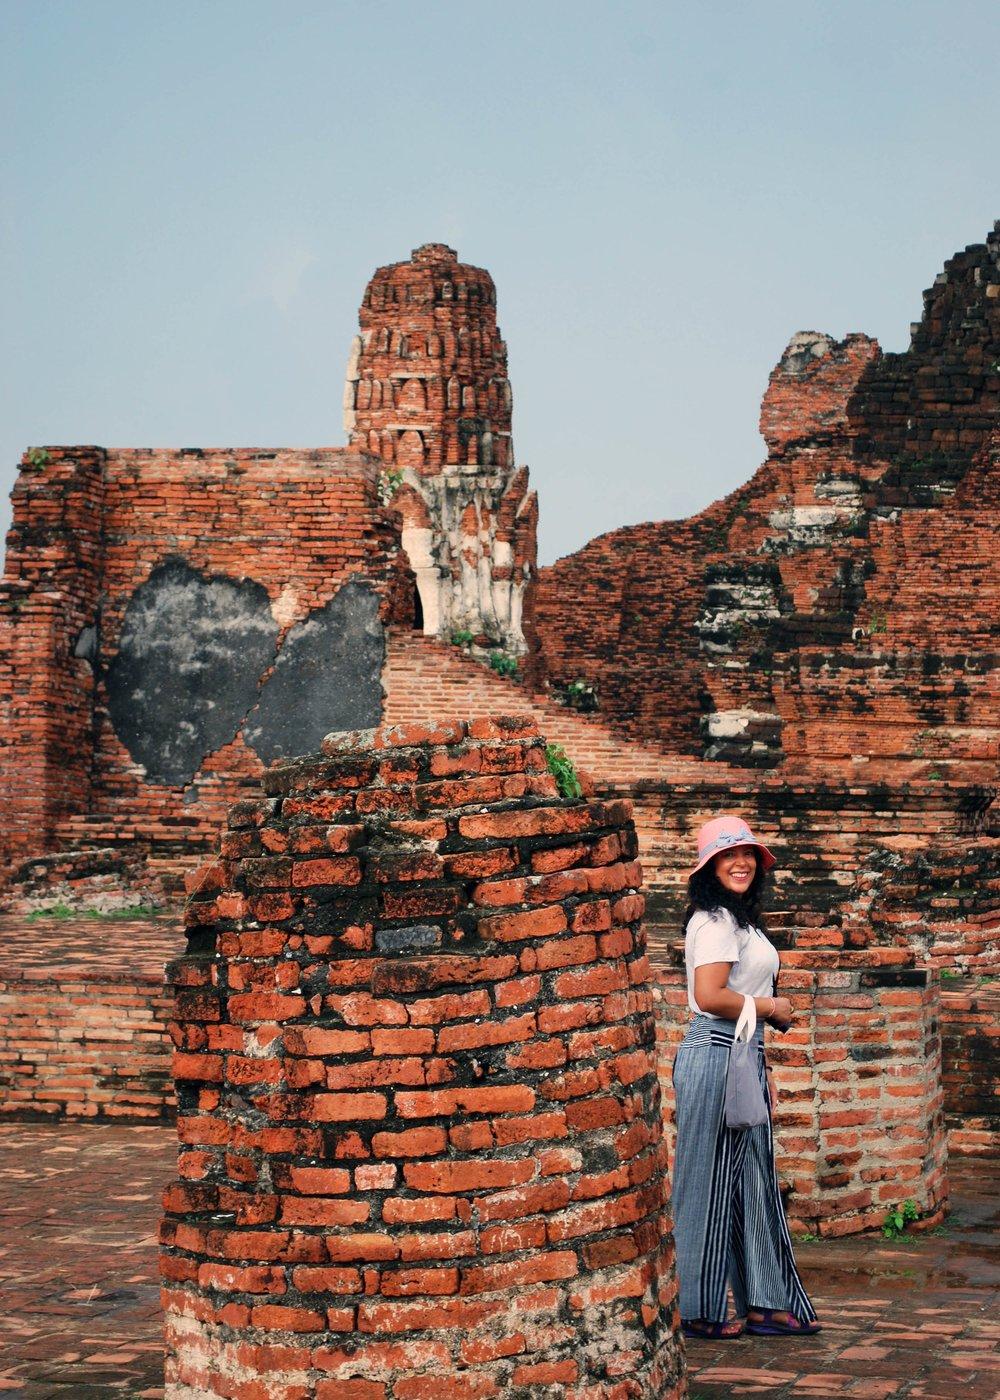 Wandering about Ayutthaya